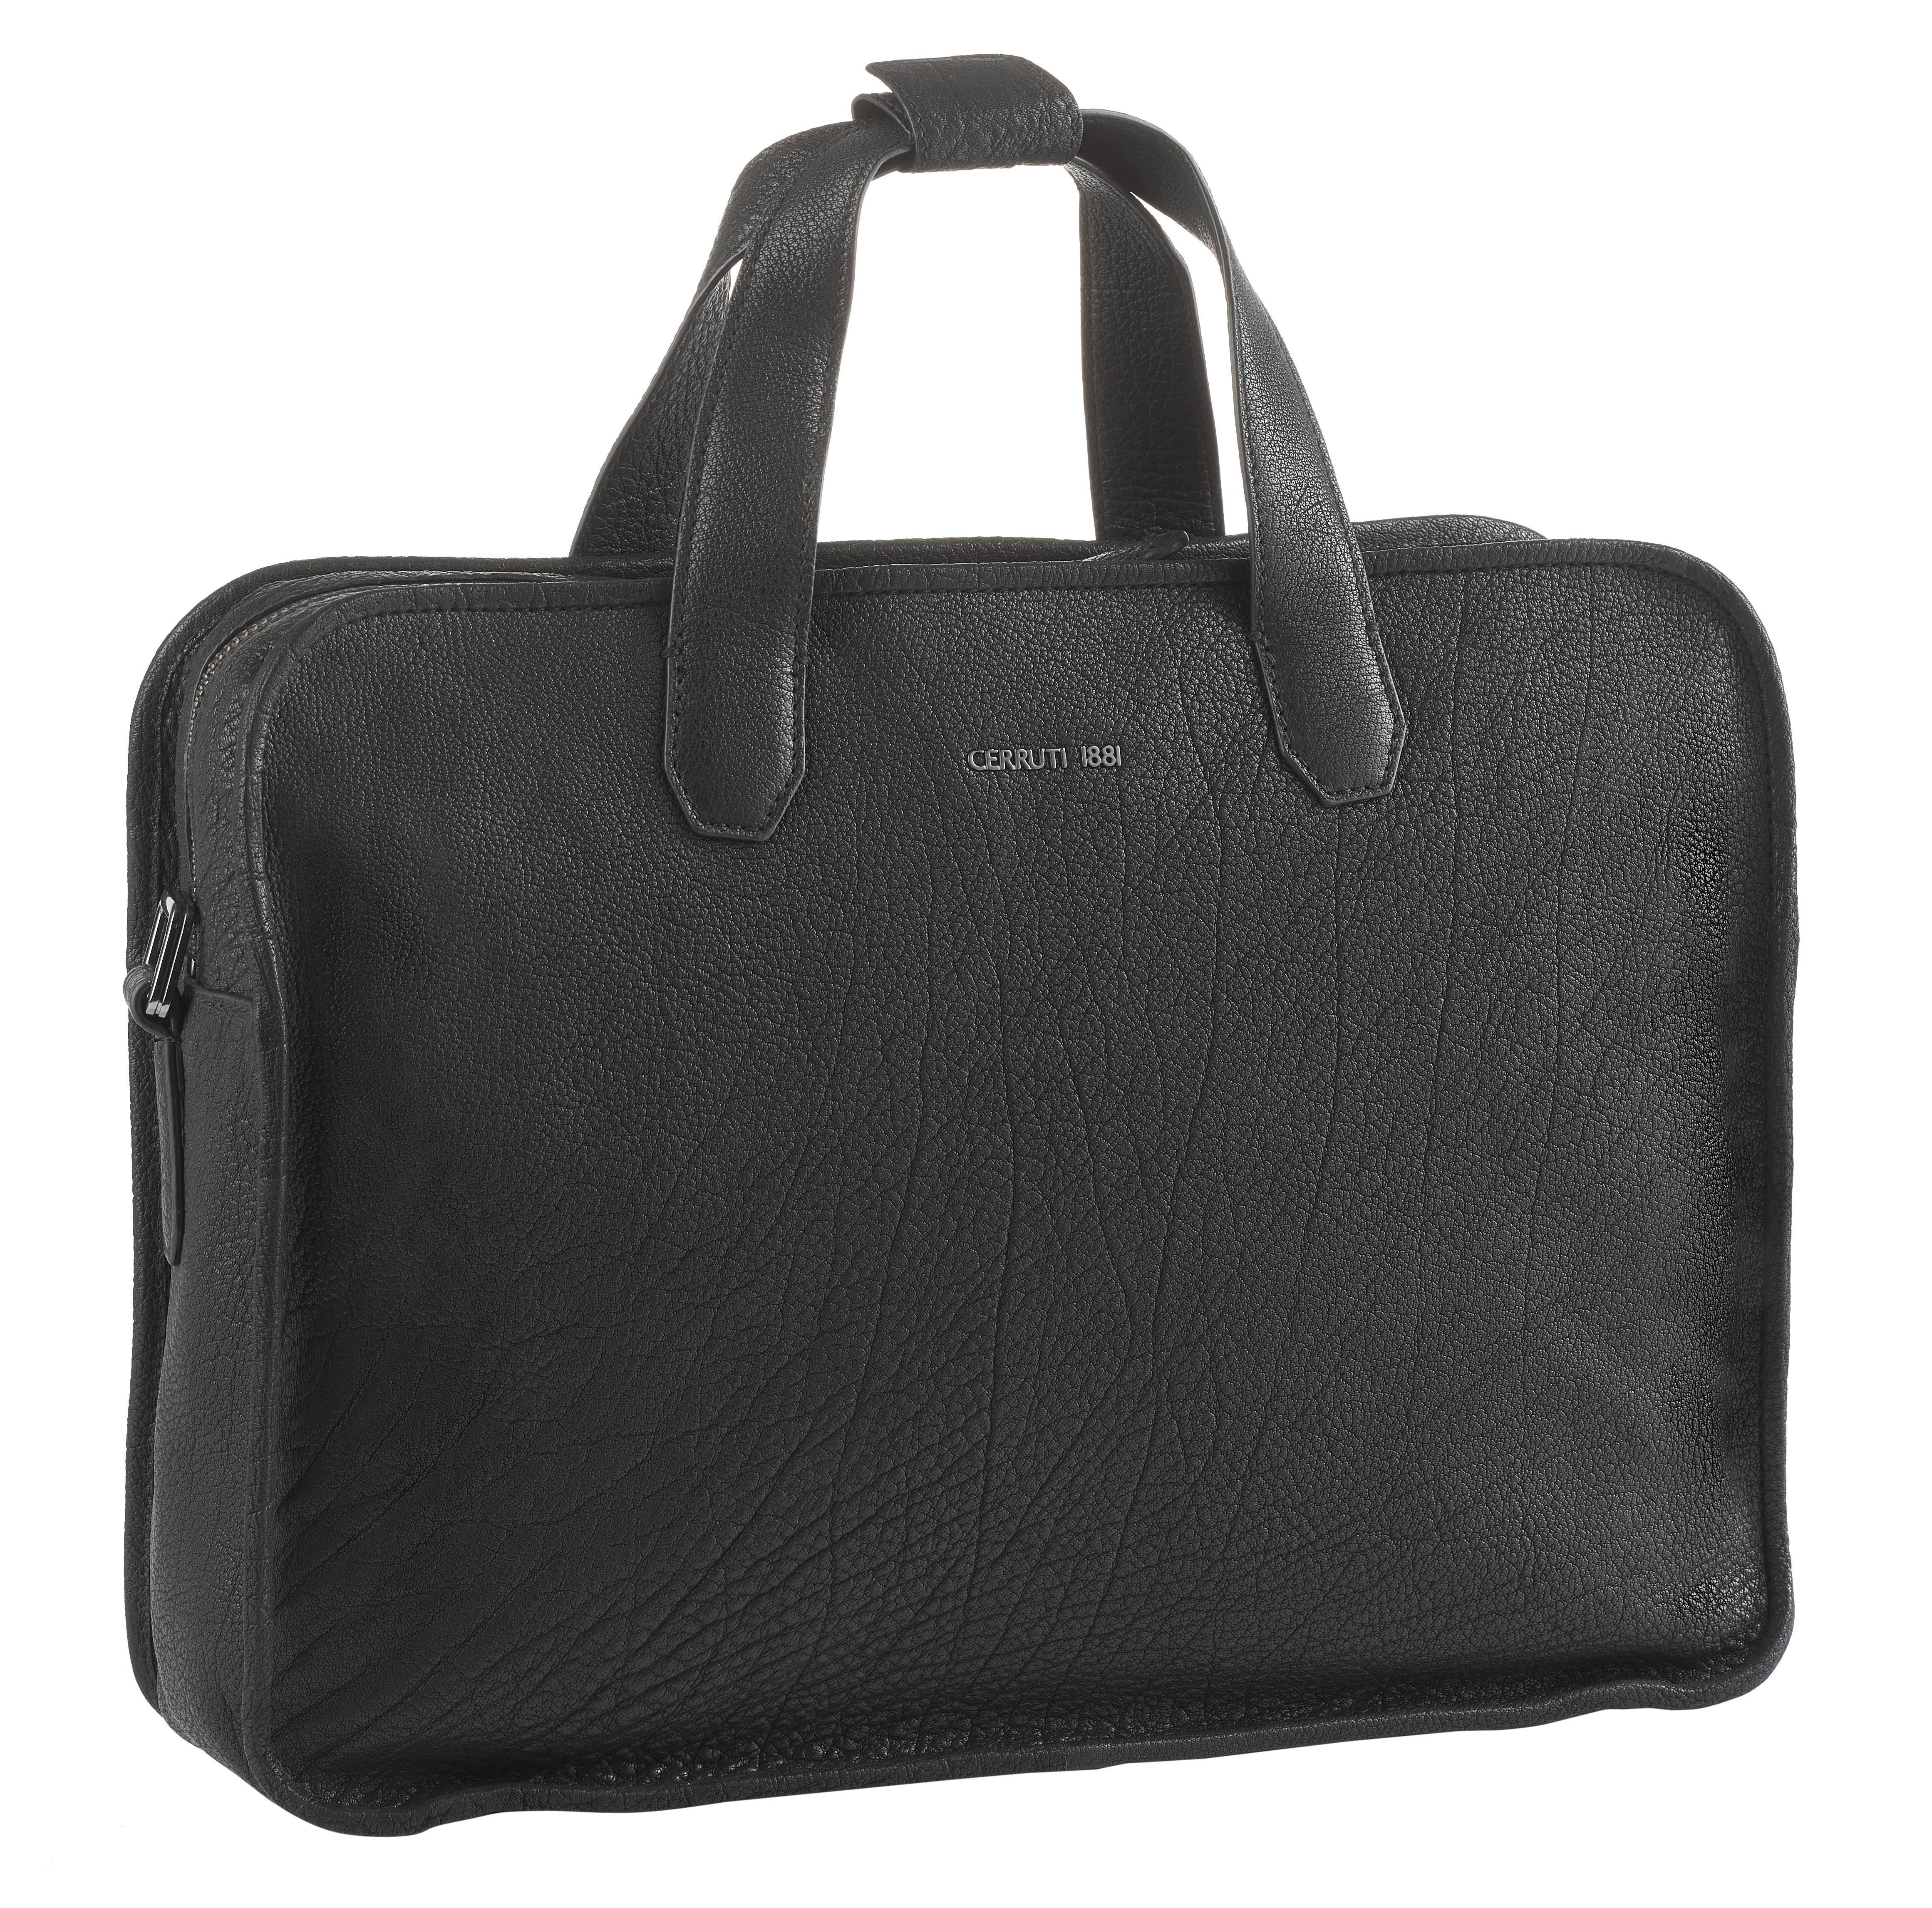 a743c76b23c8 Designer Briefcases - Men's Work Bags - Harvey Nichols